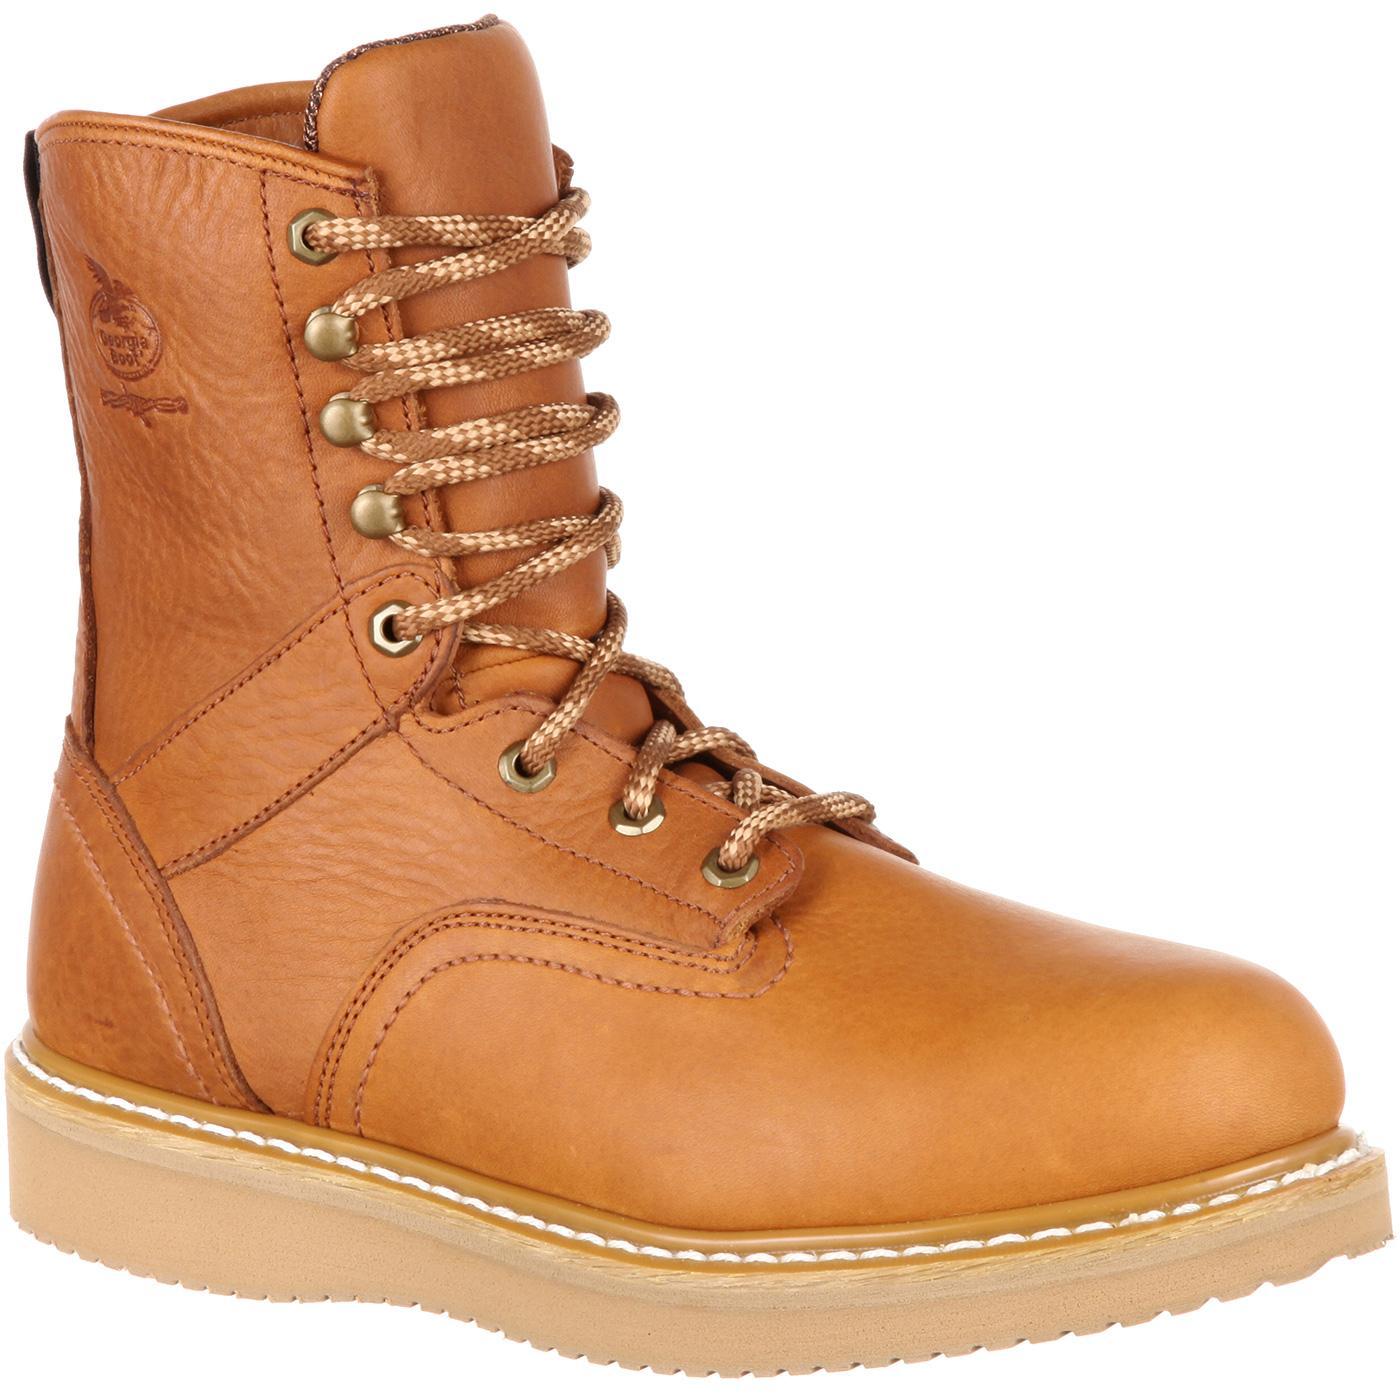 d63b27cc2e5 Georgia Boot Wedge Steel Toe Work Boot